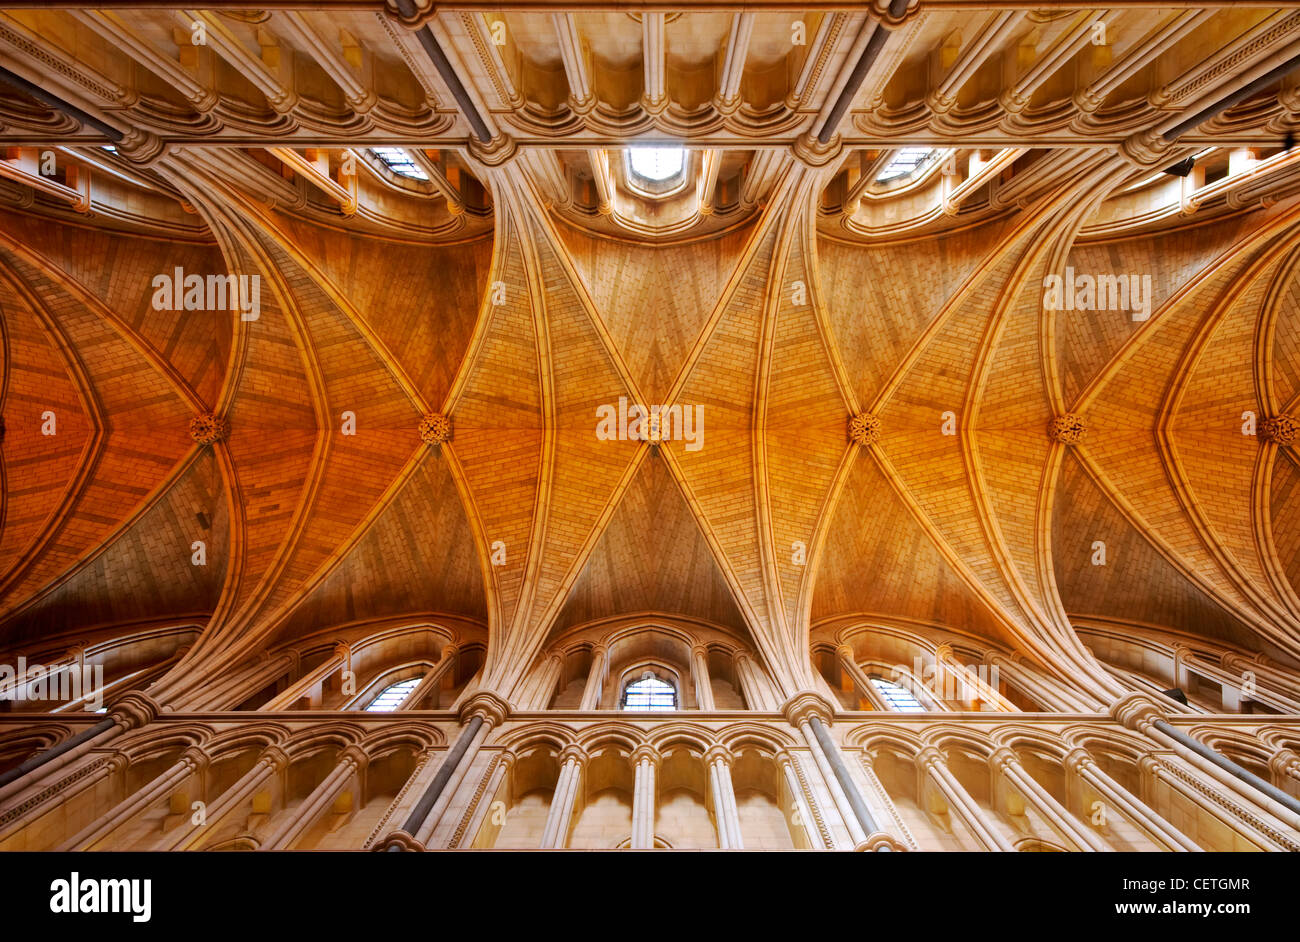 Die Decke der Southwark Cathedral. William Shakespeare wird geglaubt, um wann gewesen John Harvard, Gründer der Stockfoto